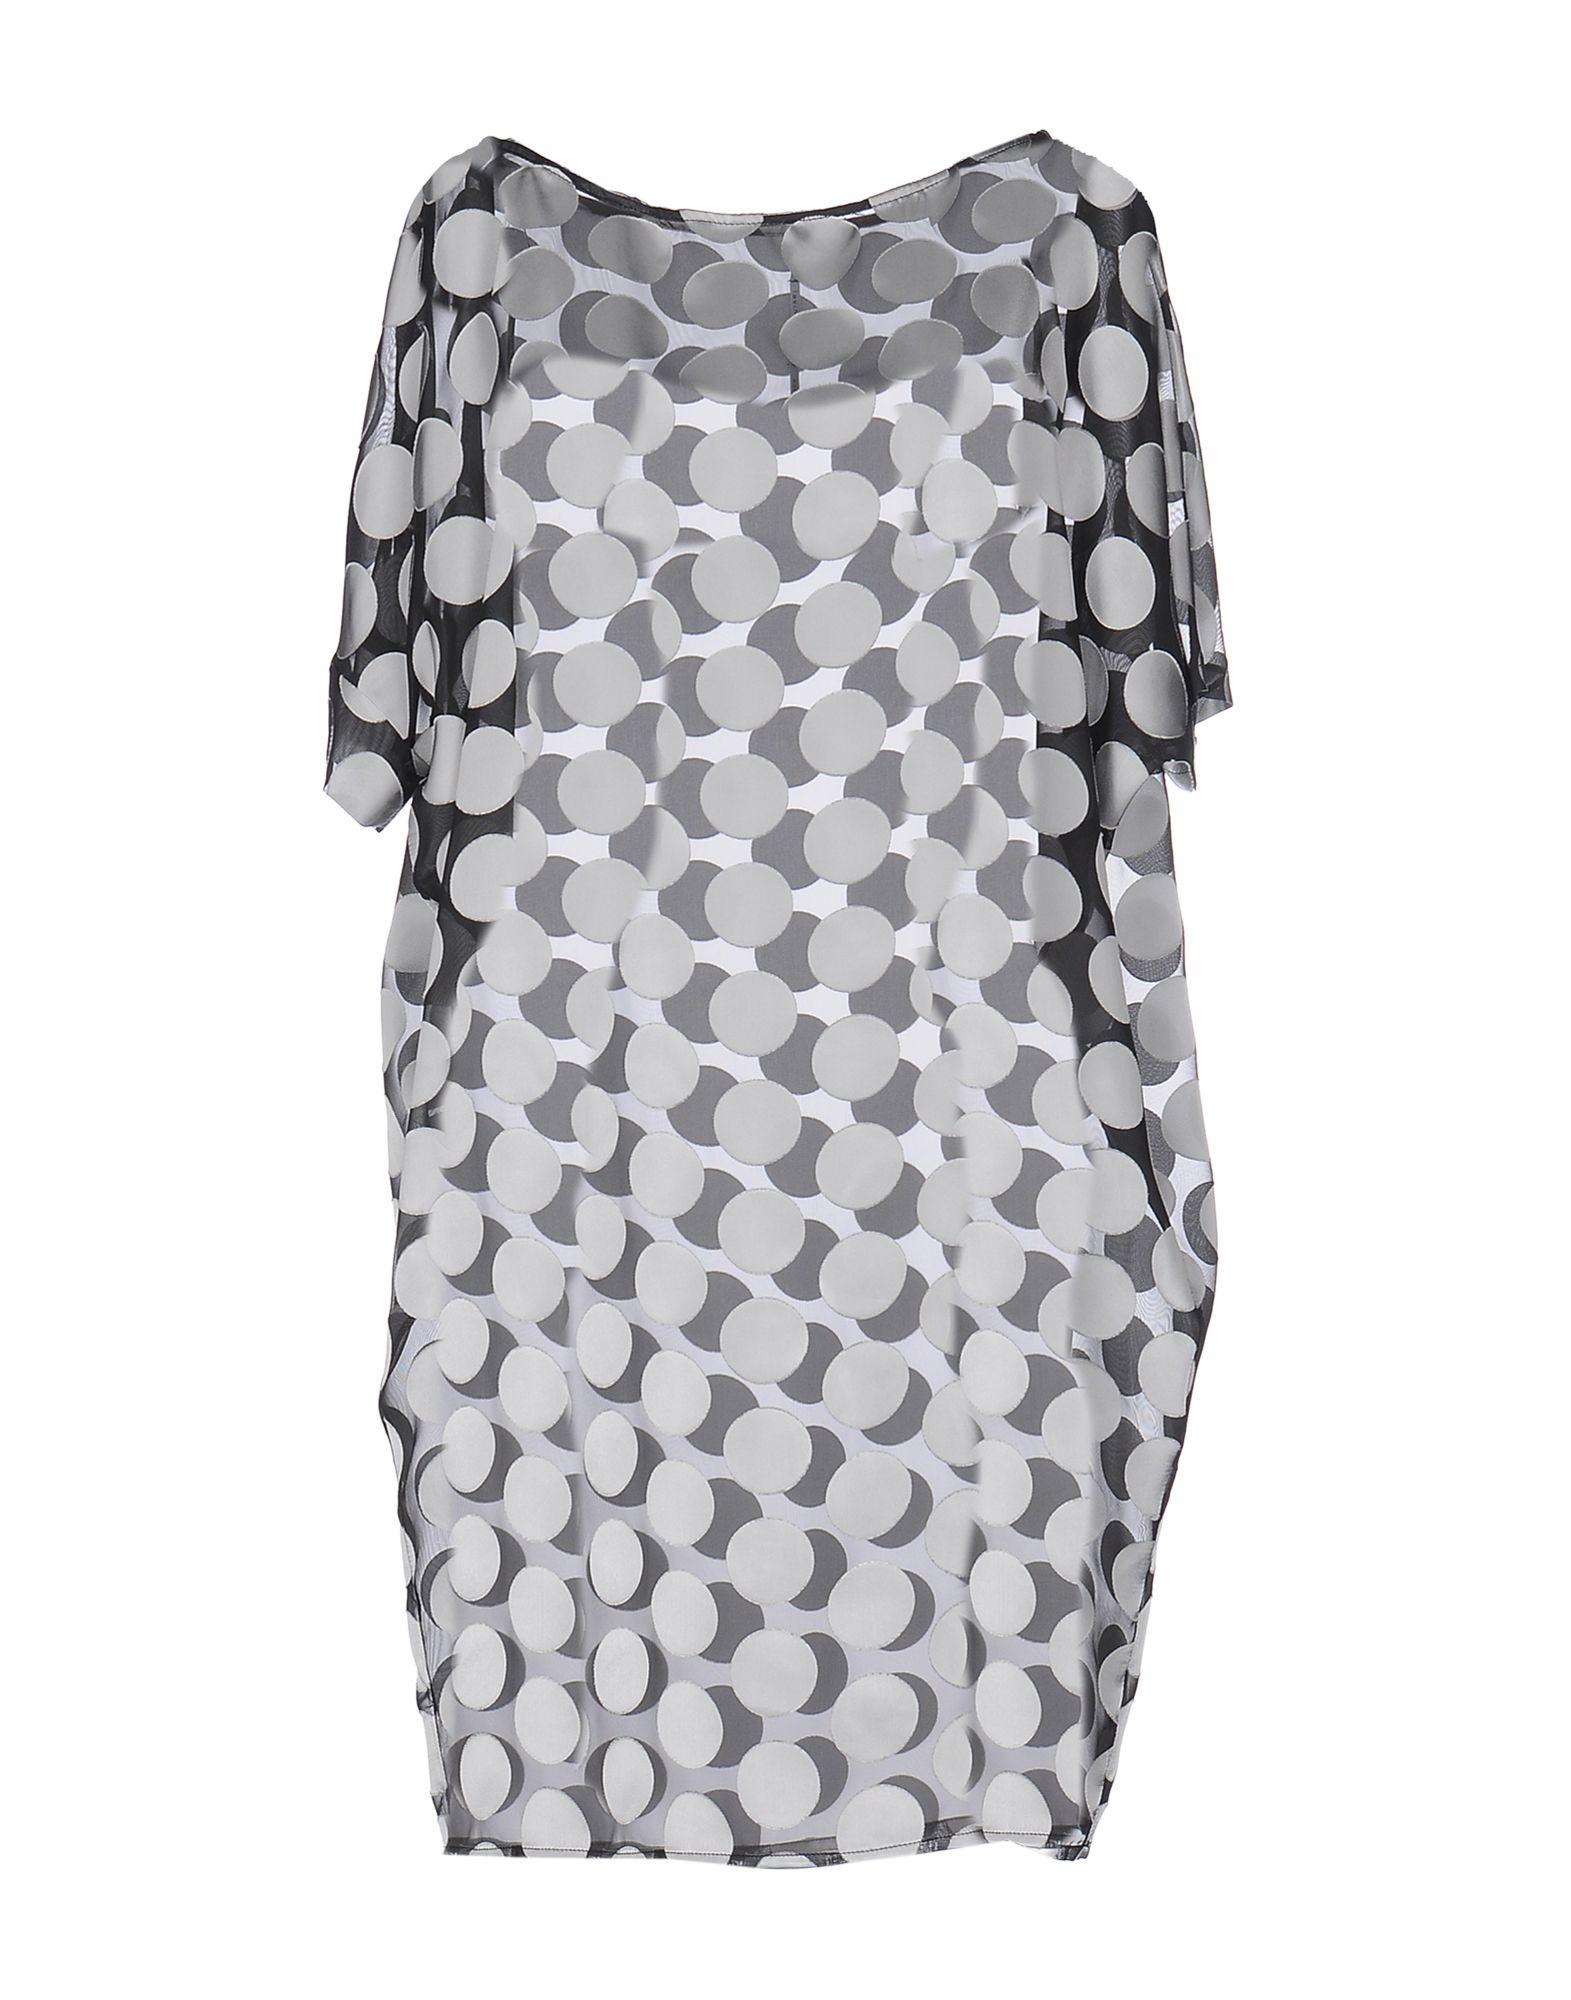 MAISON LAVINIATURRA Короткое платье платье